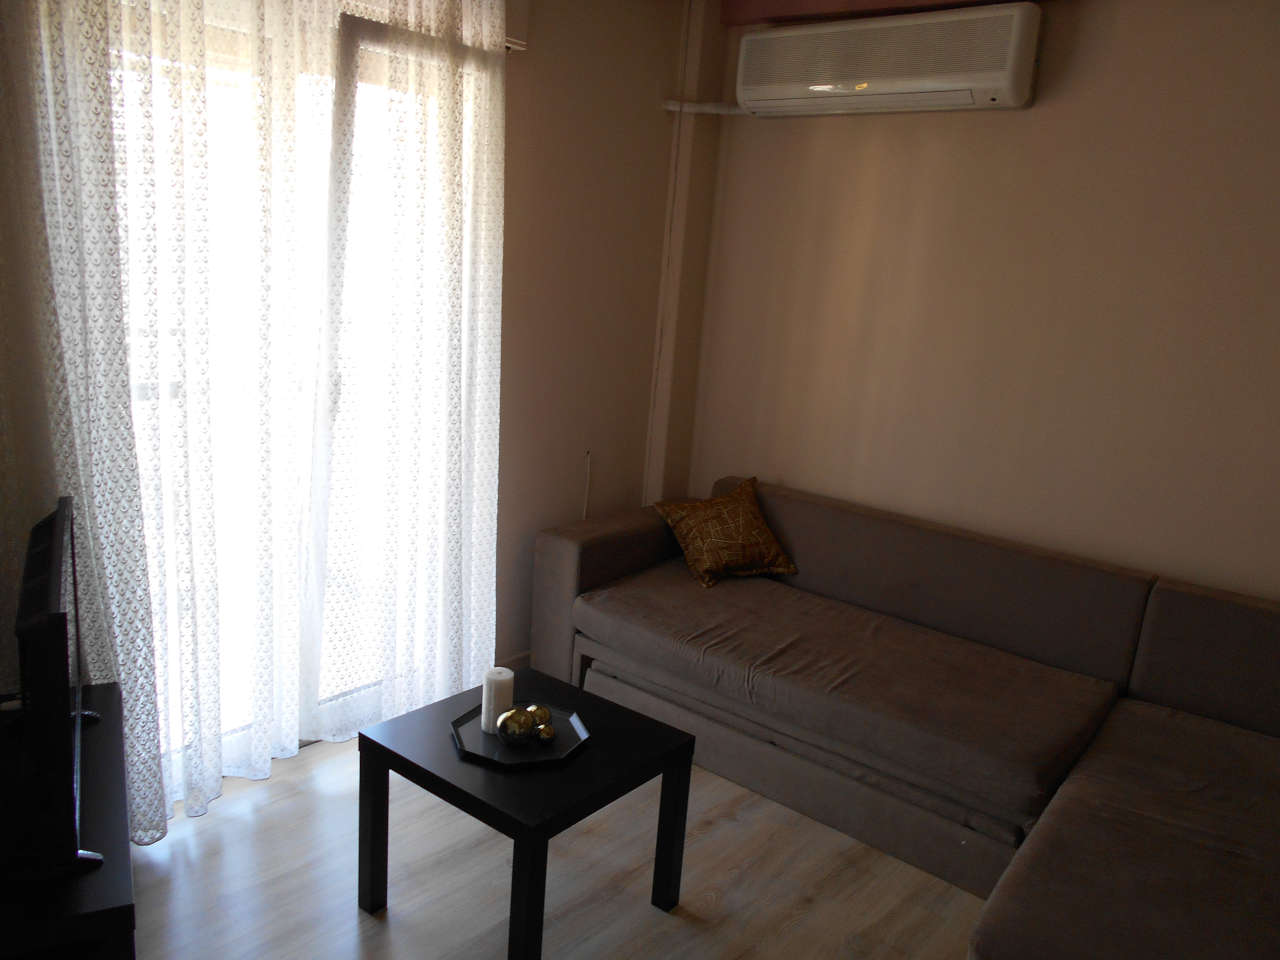 Διαθέρισμα AirBnB δίπλα στο κέντρο της Θεσσαλονίκης - Σαλόνι